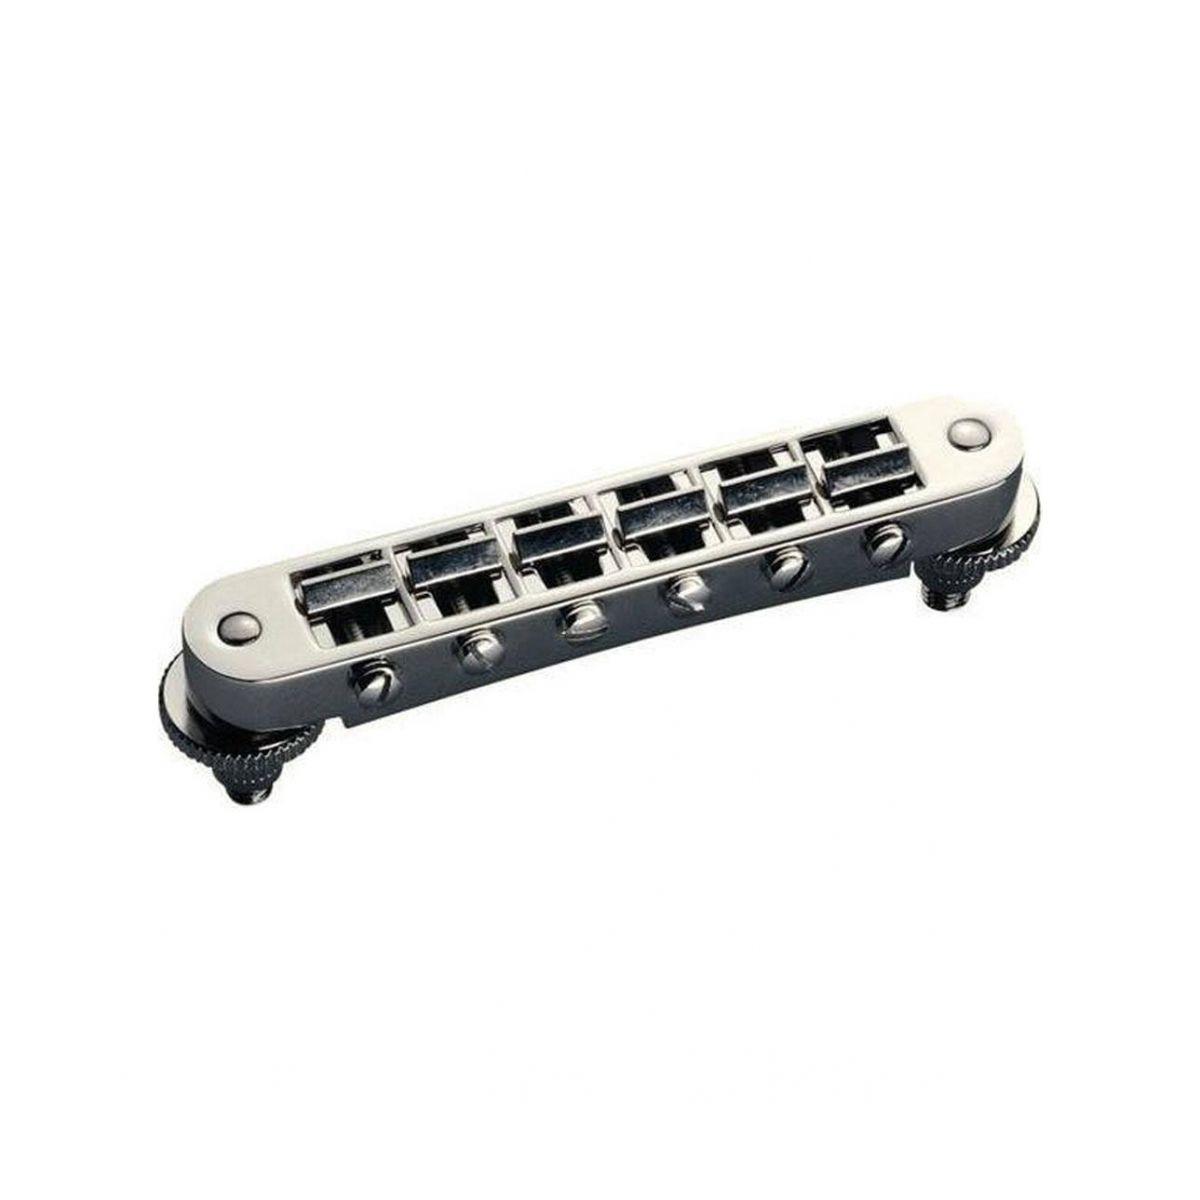 Ponte chitarra elettrica Schaller GTM nickel